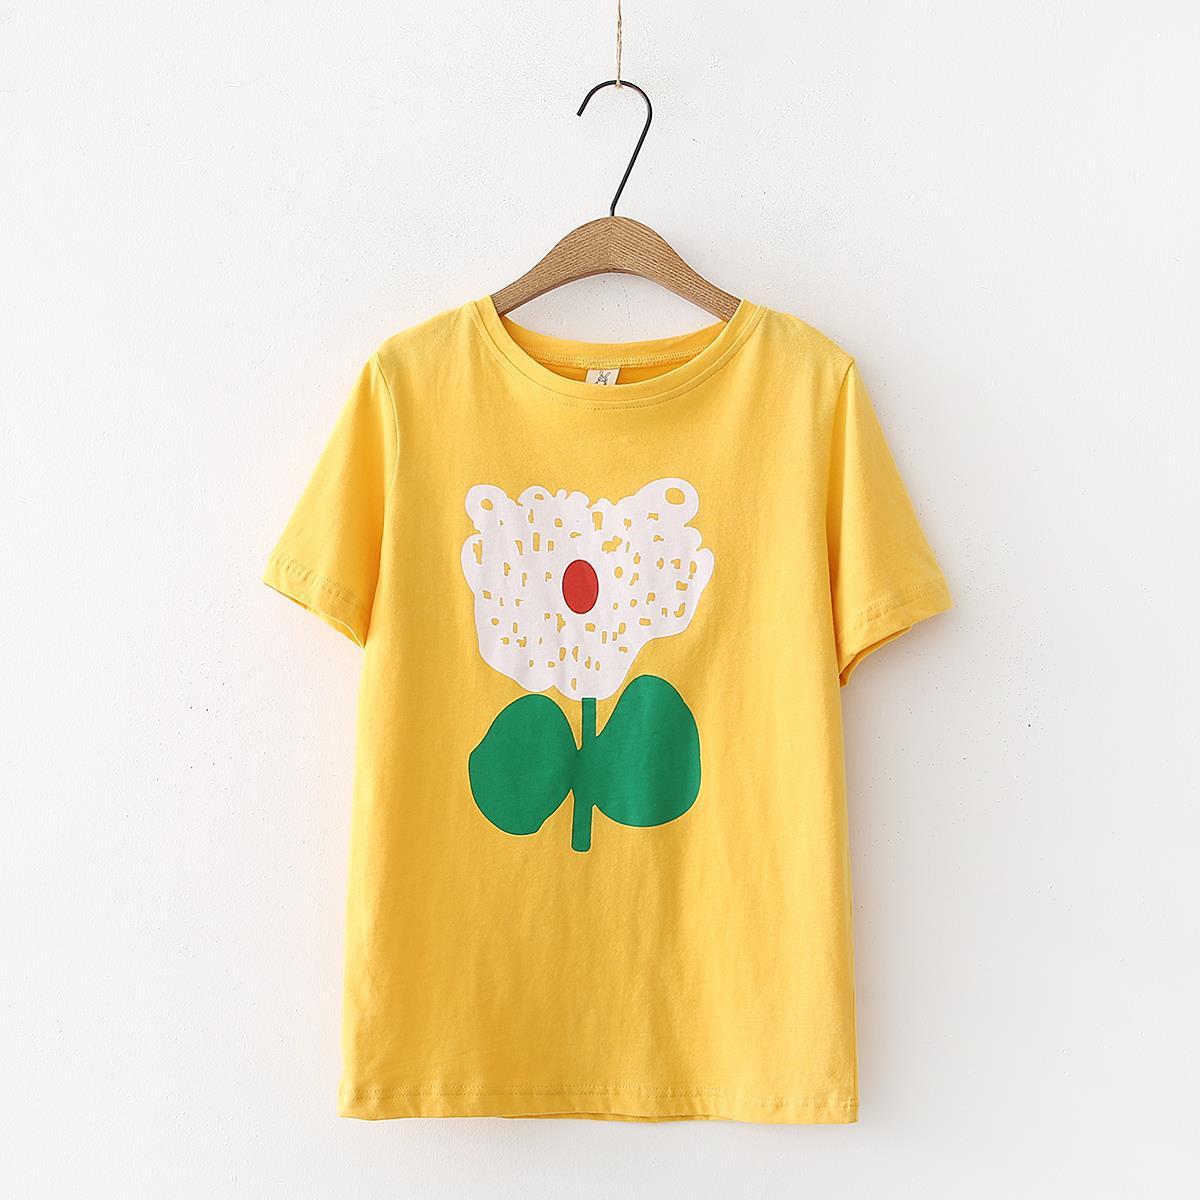 Summer T-shirt Women Fashion Printed T Shirts Female Short Sleeve Tee Shirt tshirt tops tees